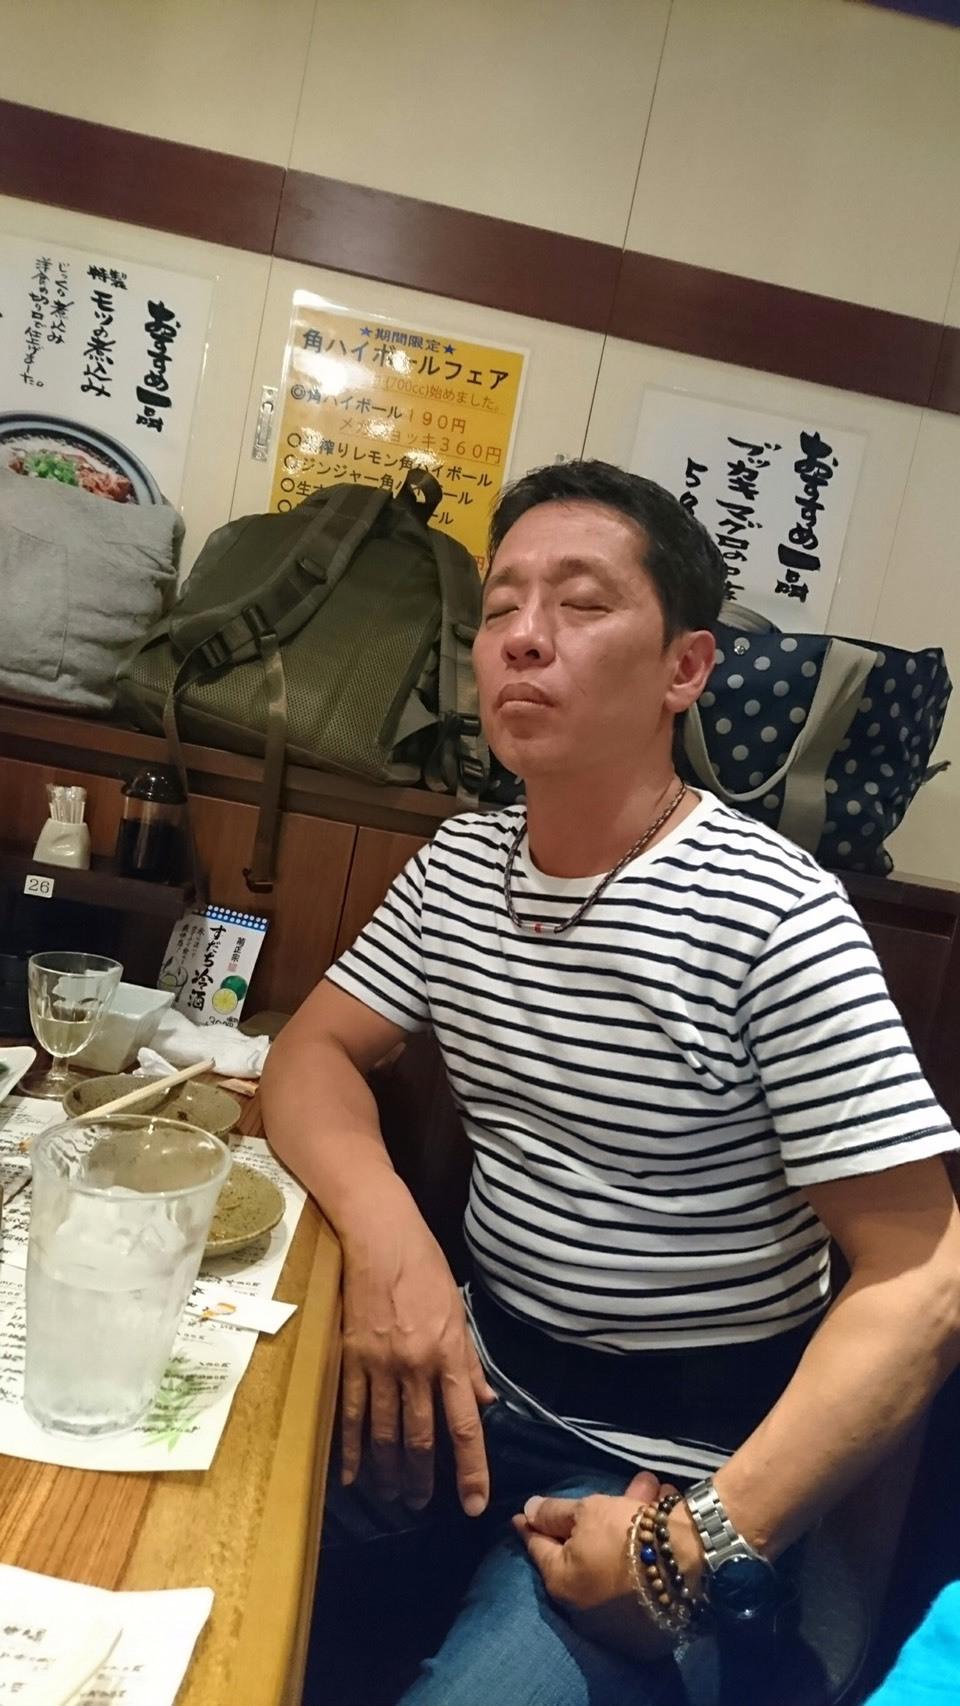 お疲れの大森ヒロシさん_a0163623_23273171.jpg